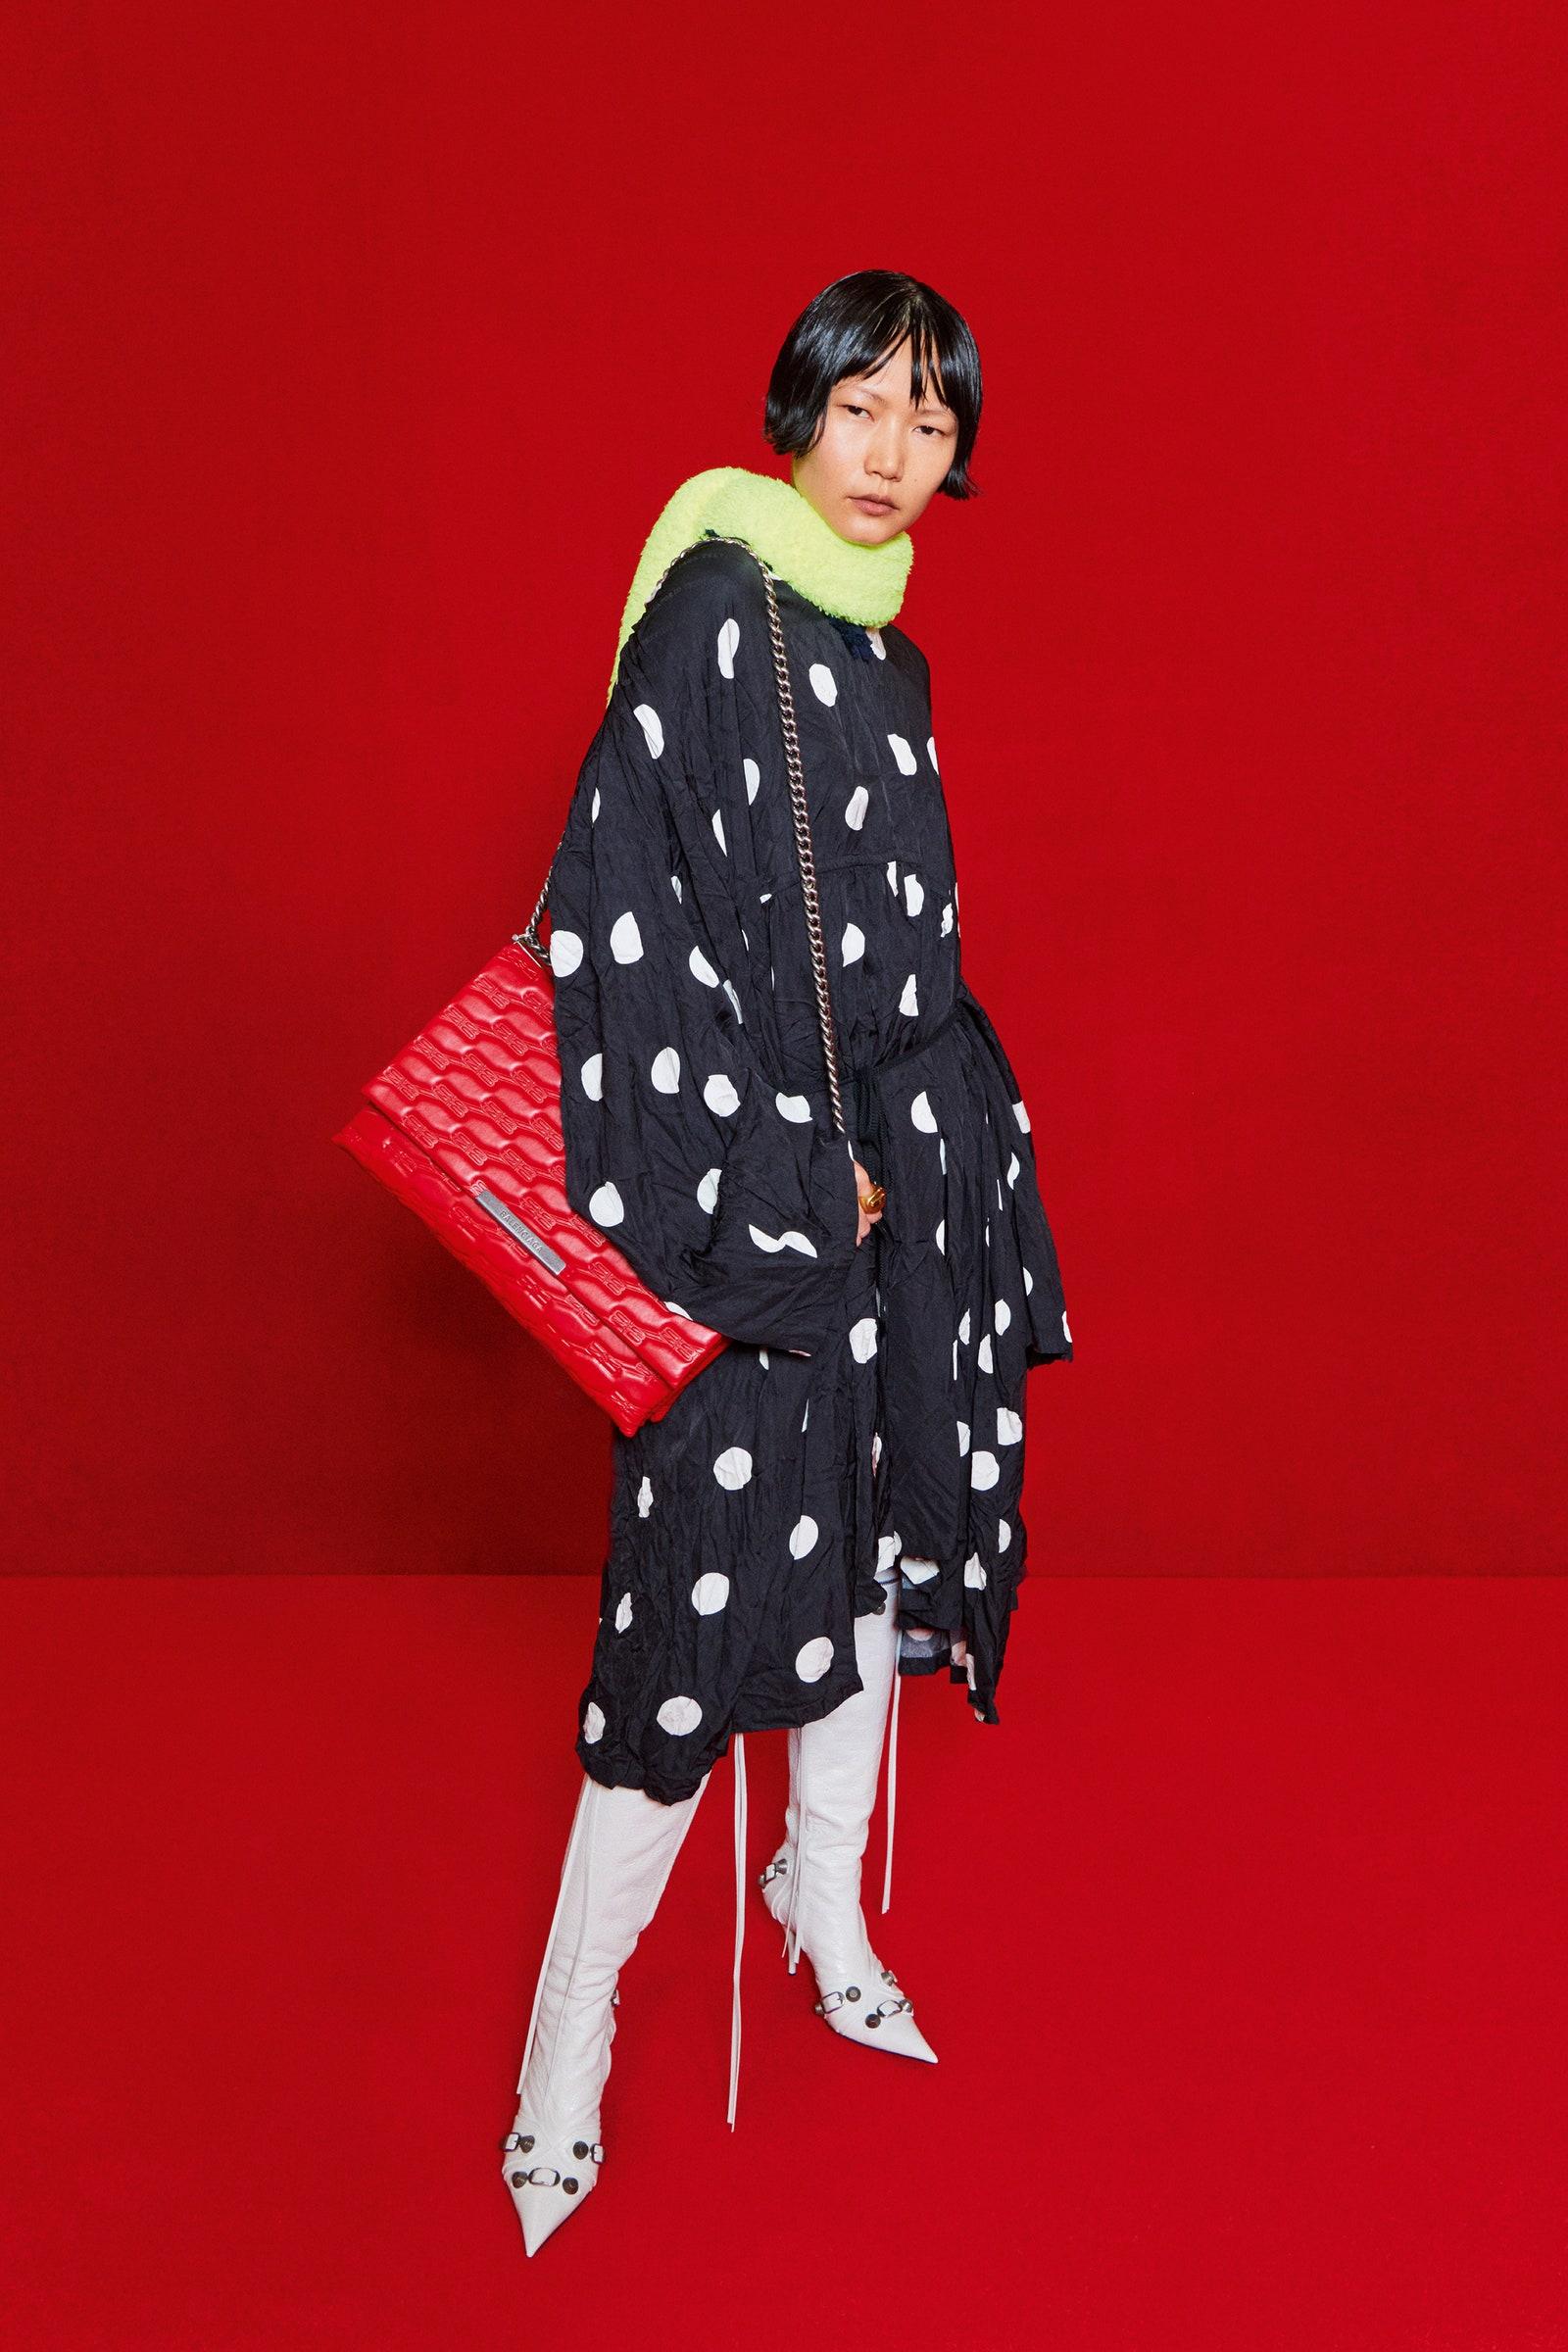 Balenciaga paris fashion week spring/summer 2022 collection